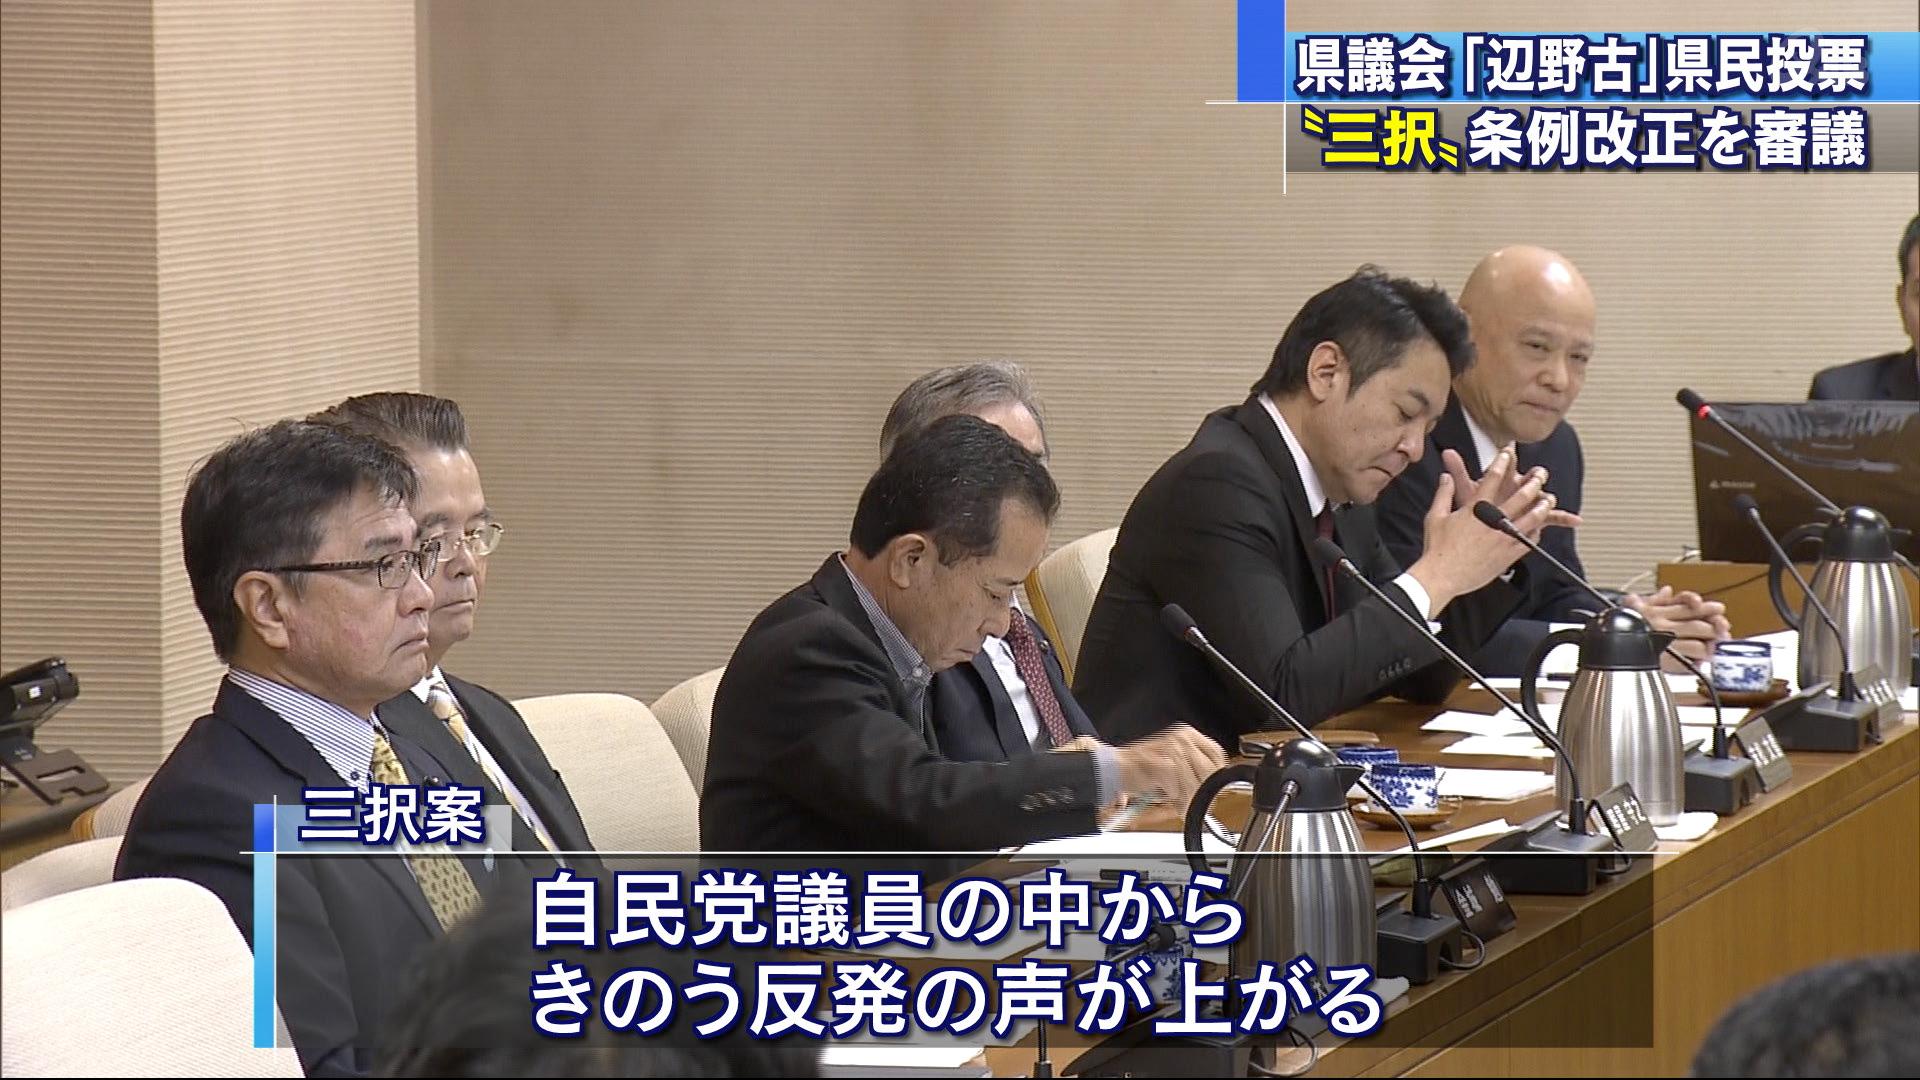 県民投票・改正案、県議会で審議開始